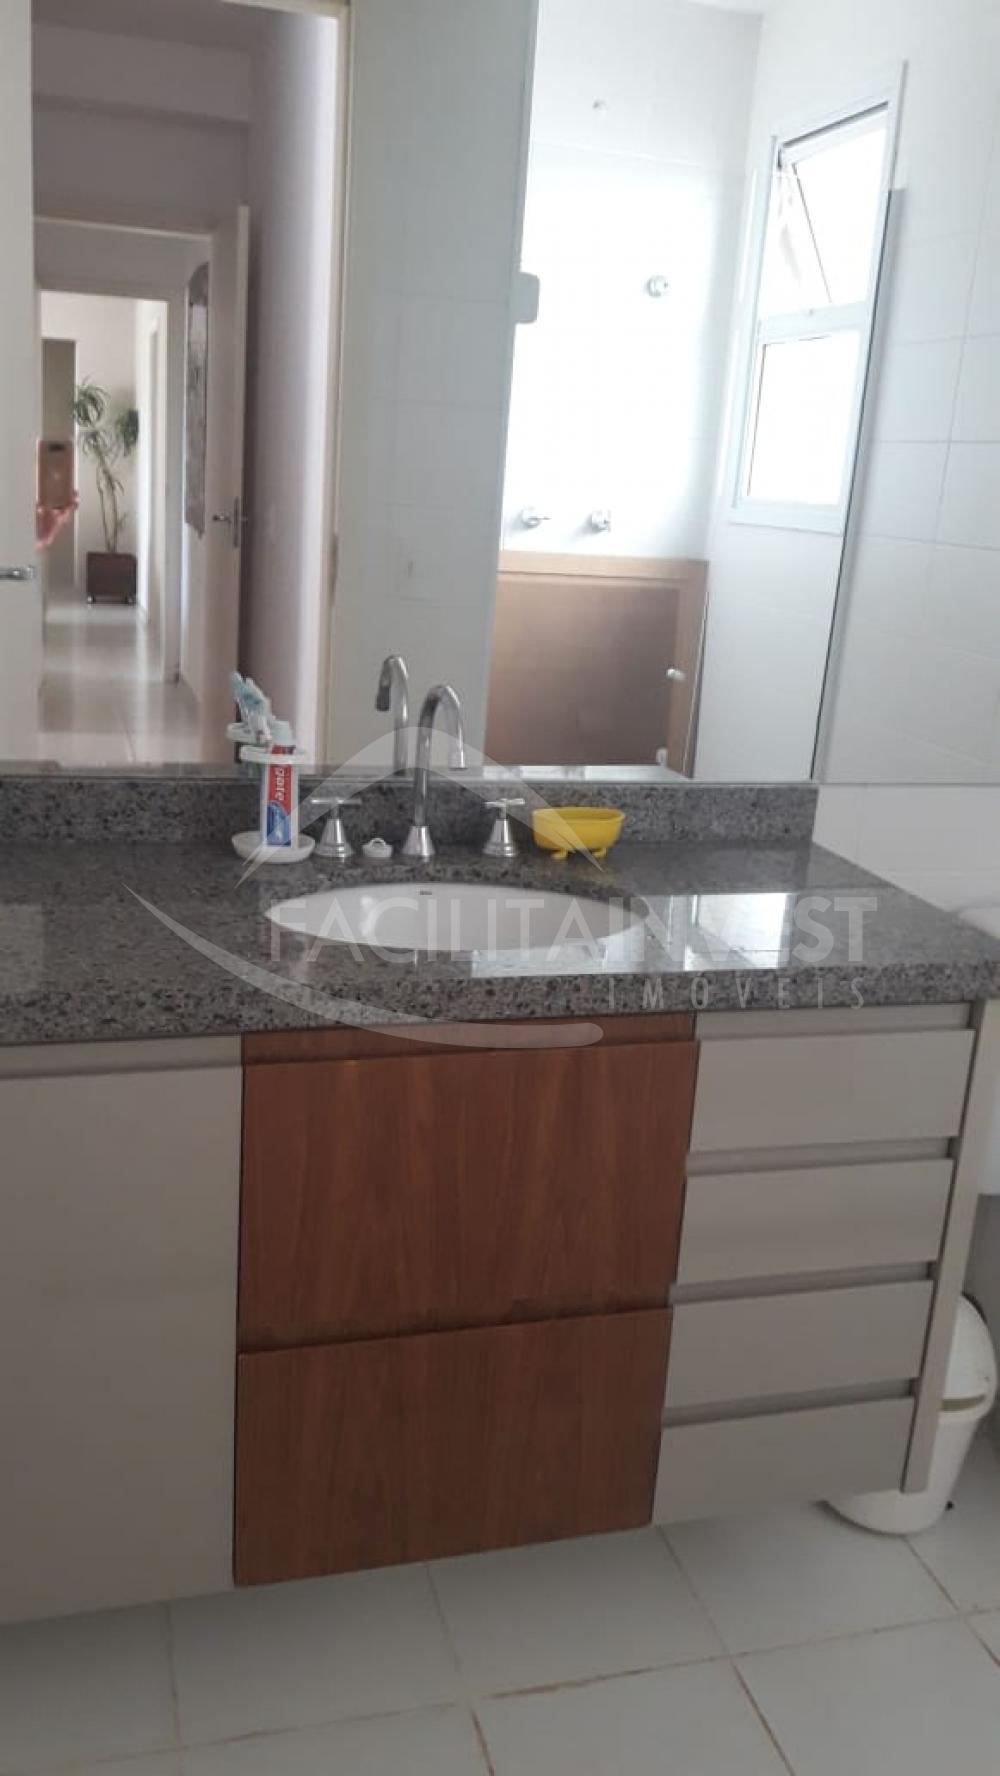 Alugar Apartamentos / Apart. Padrão em Ribeirão Preto apenas R$ 2.200,00 - Foto 4